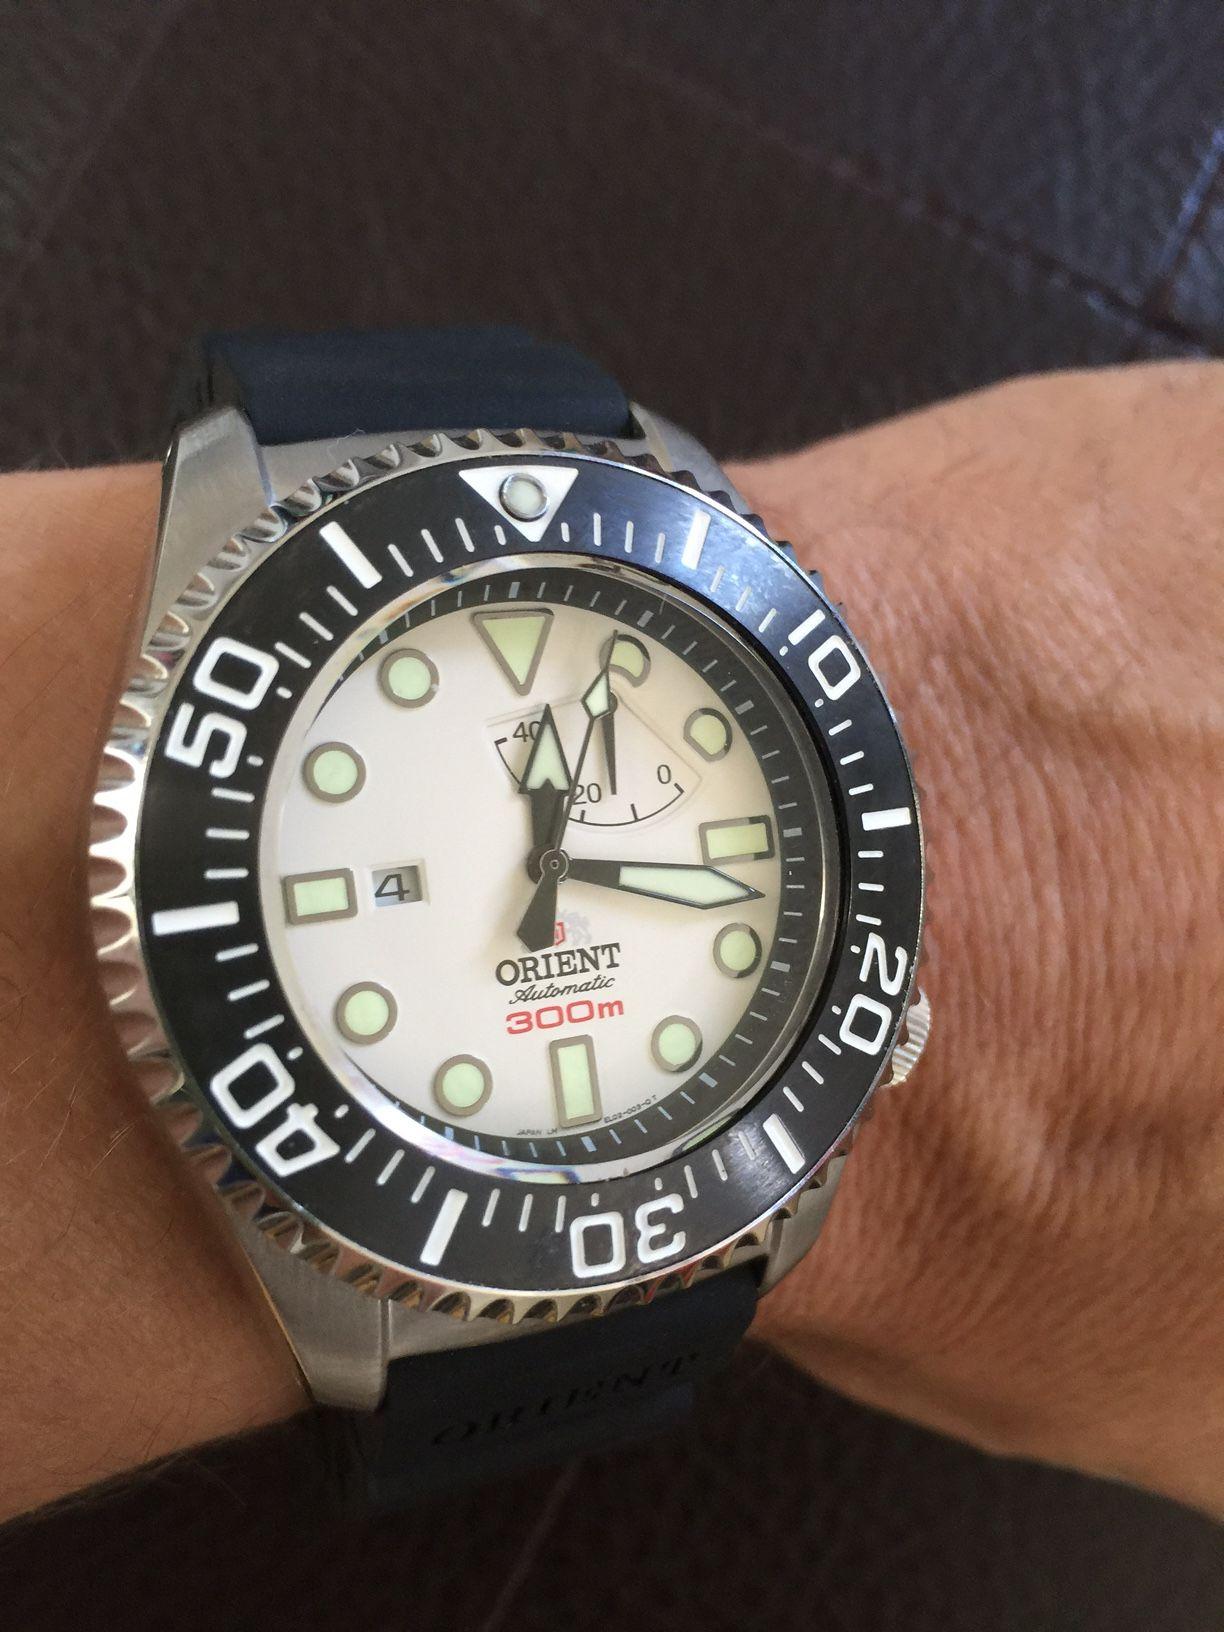 The 300m Pro Saturation Diver! orientwatchusa.com/el02003w